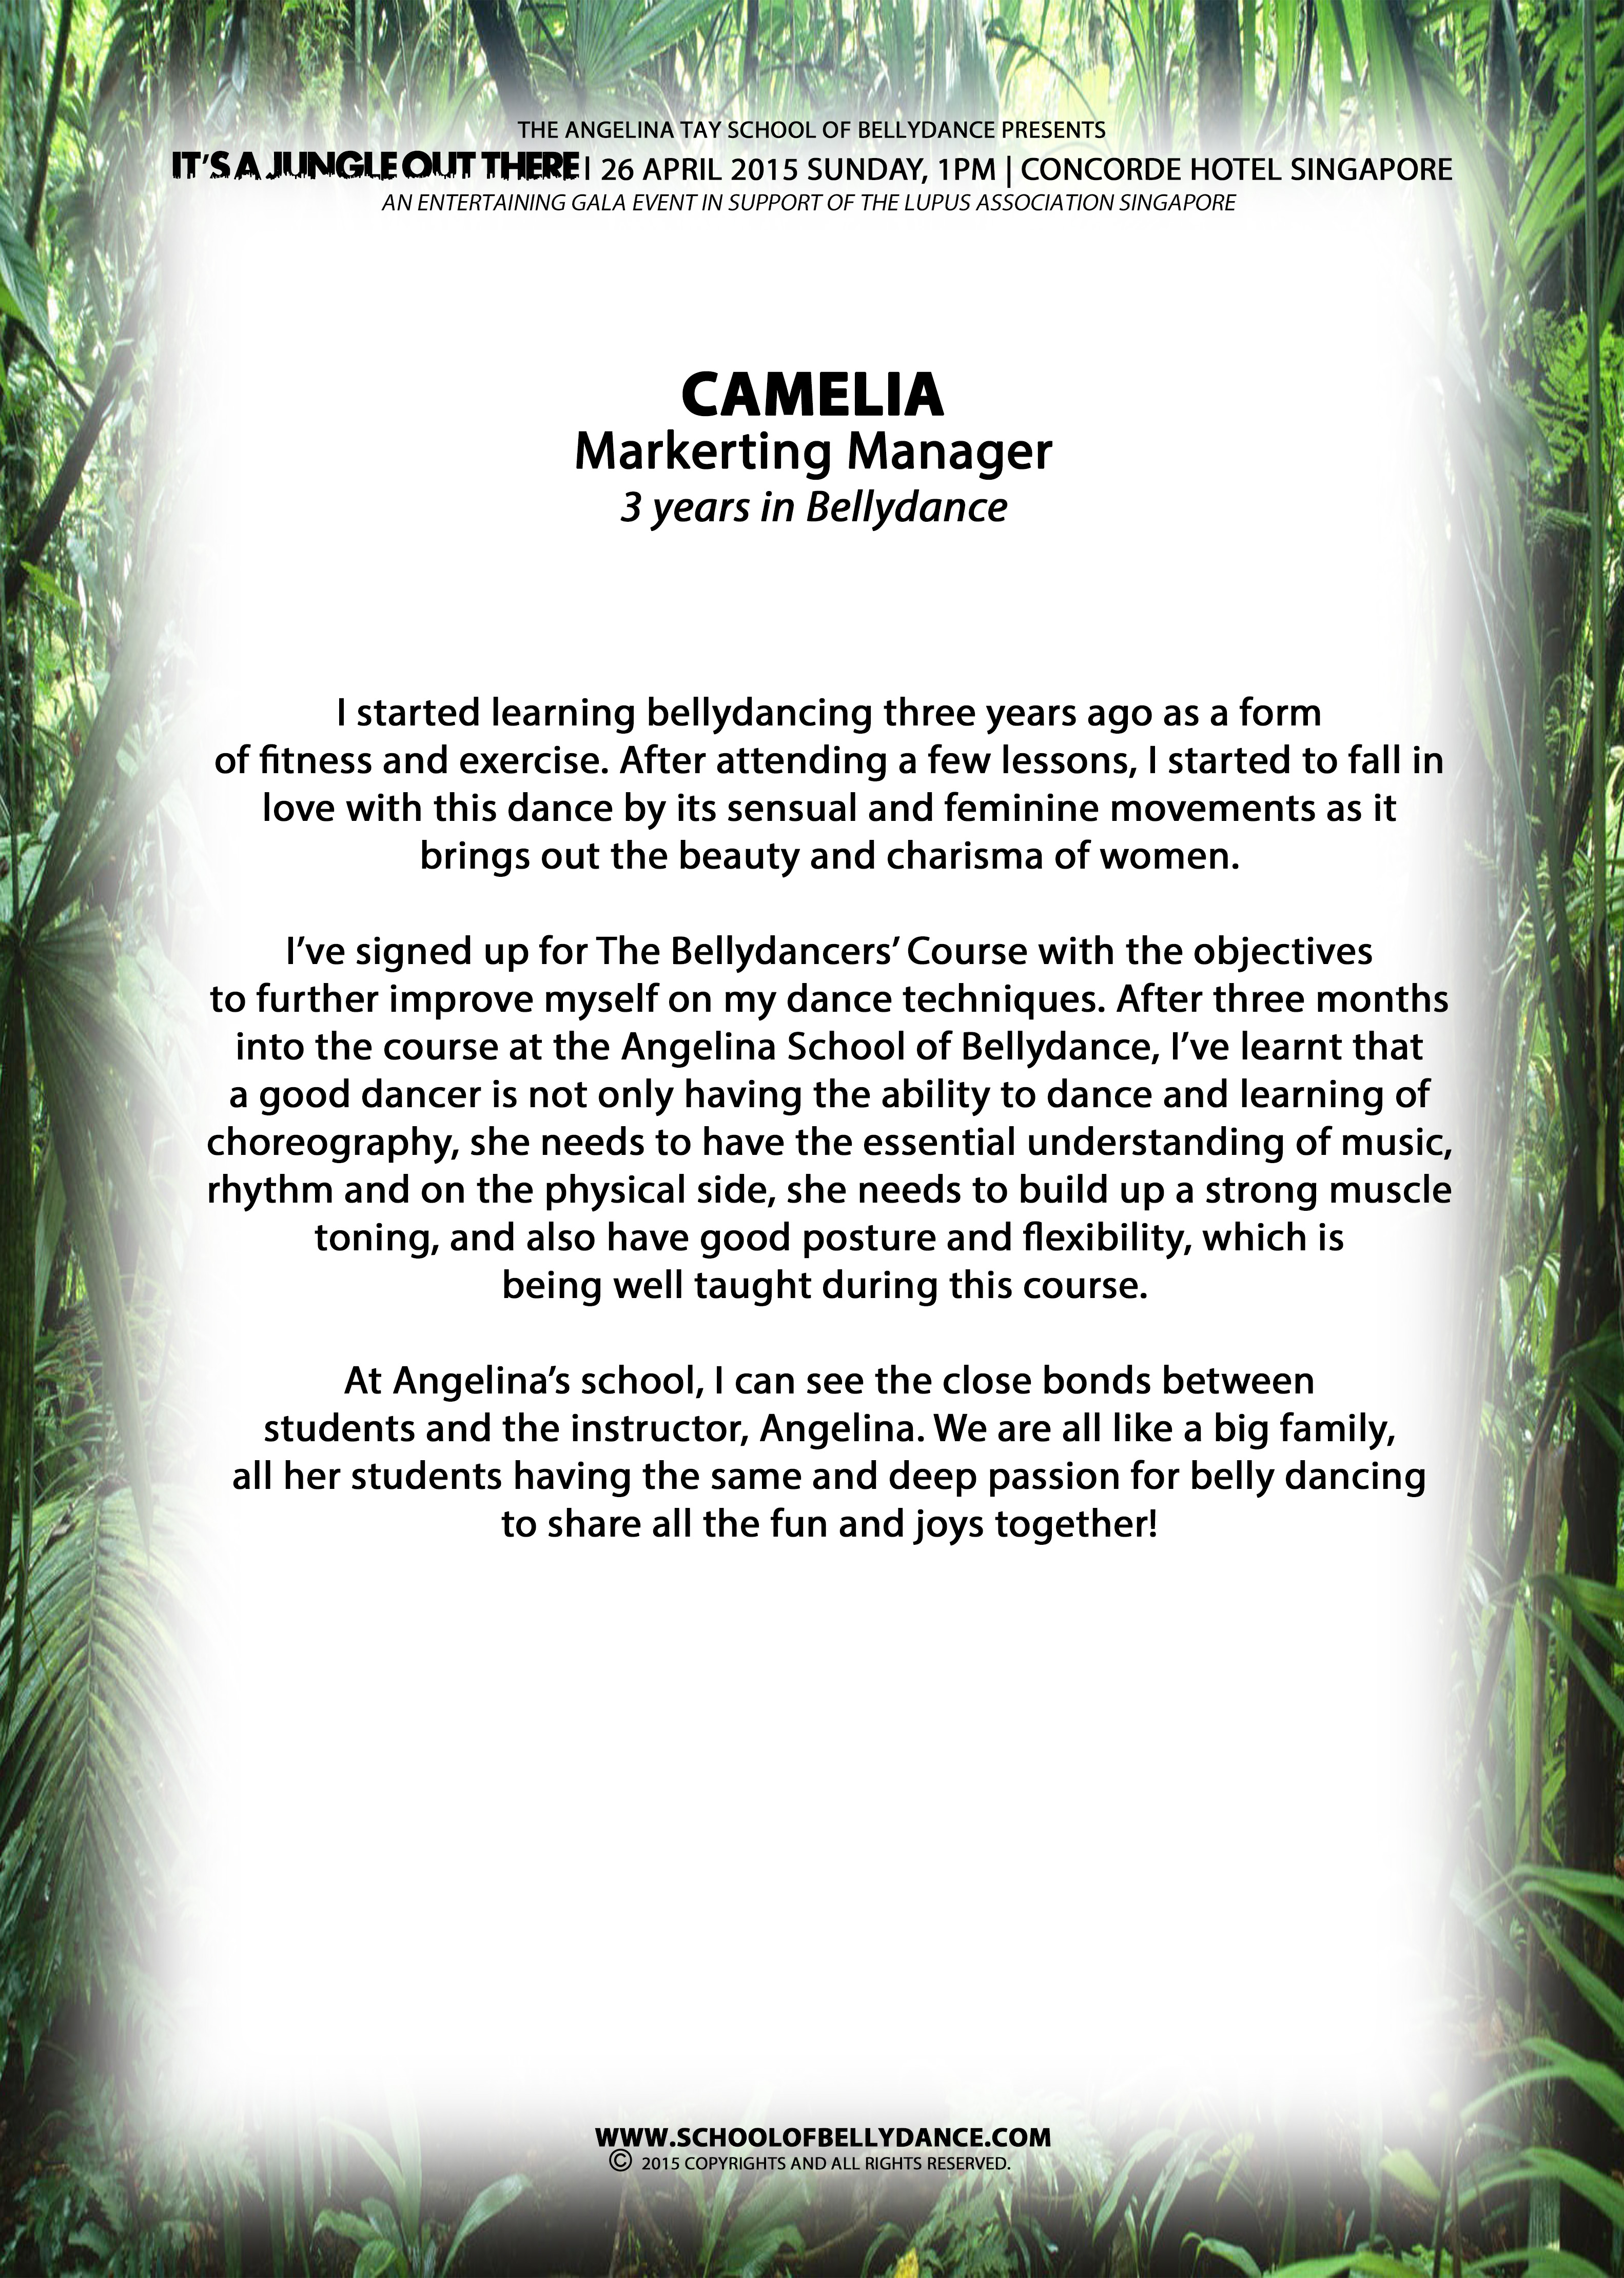 Camelia